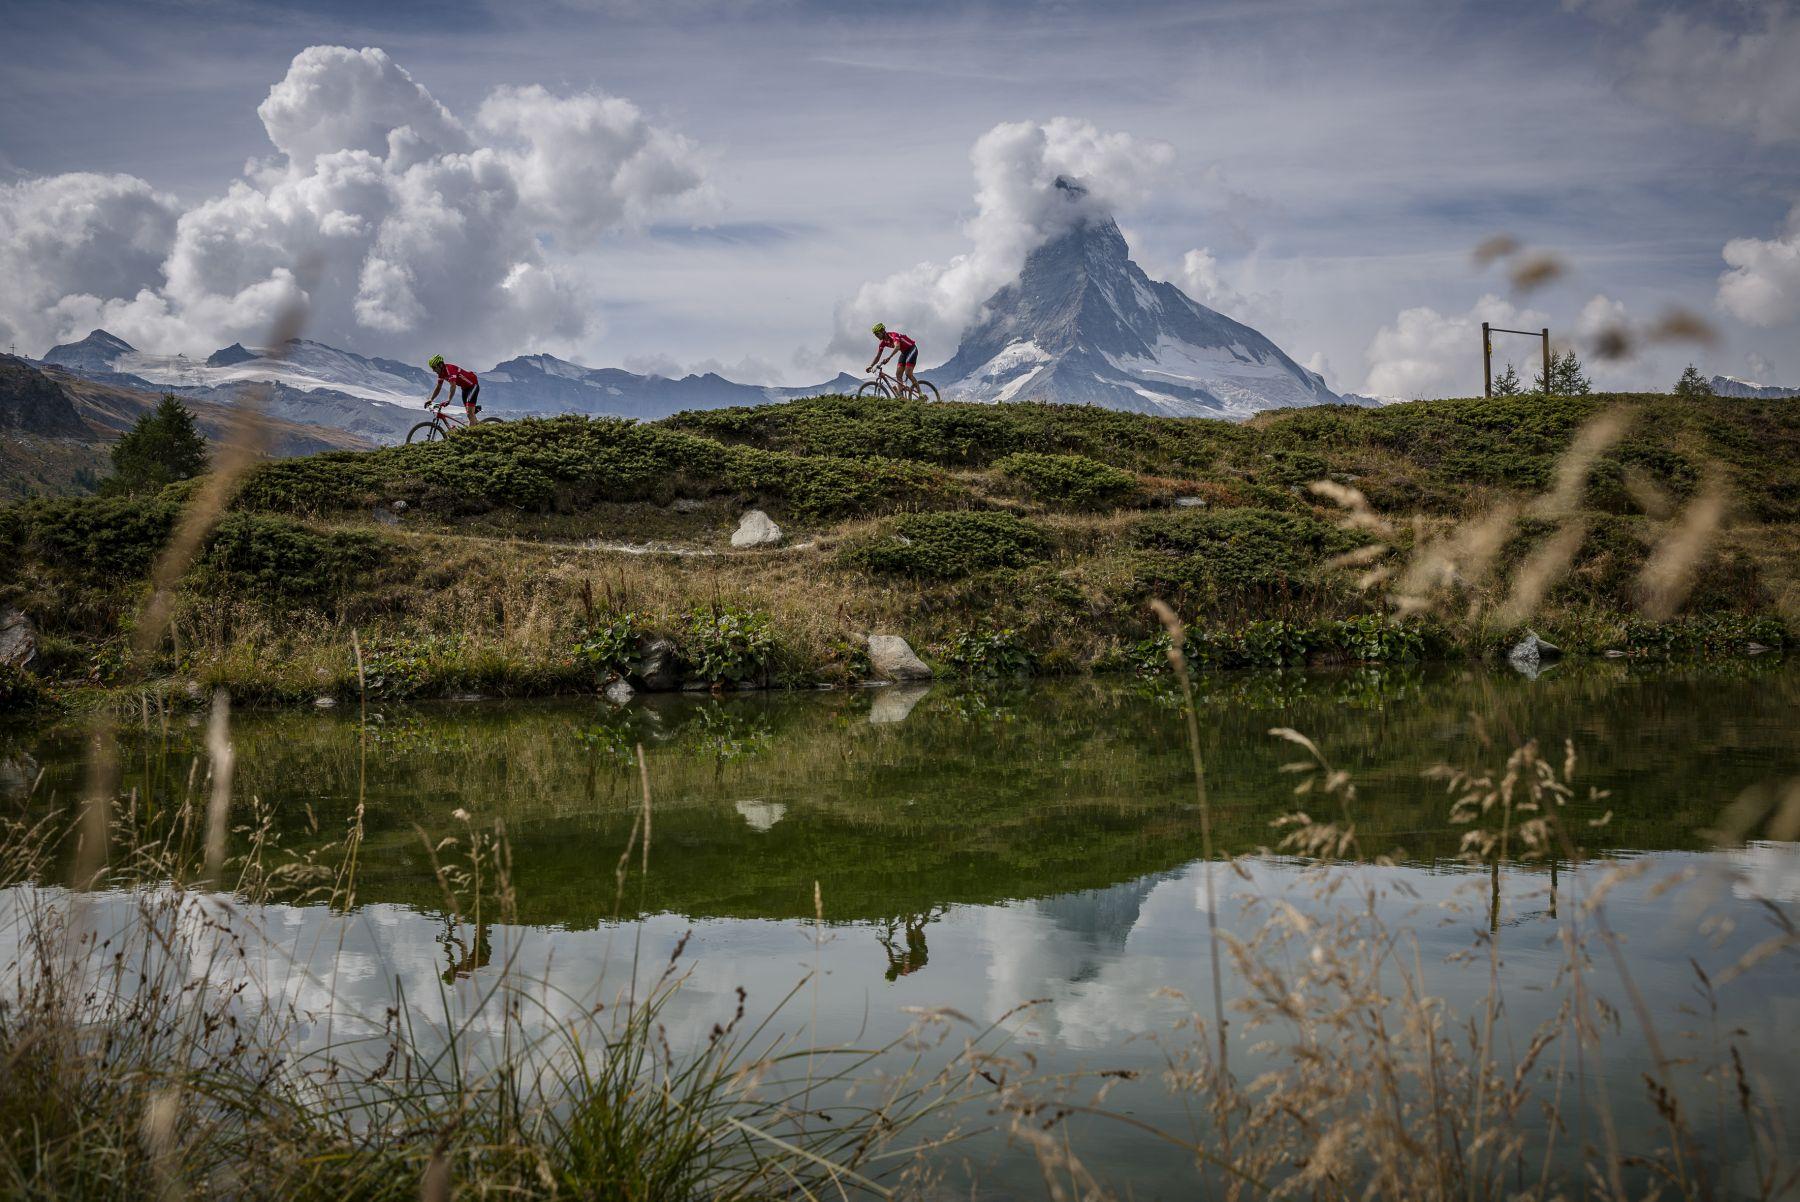 Y el Matterhorn como espectador de lujo de toda la carrera